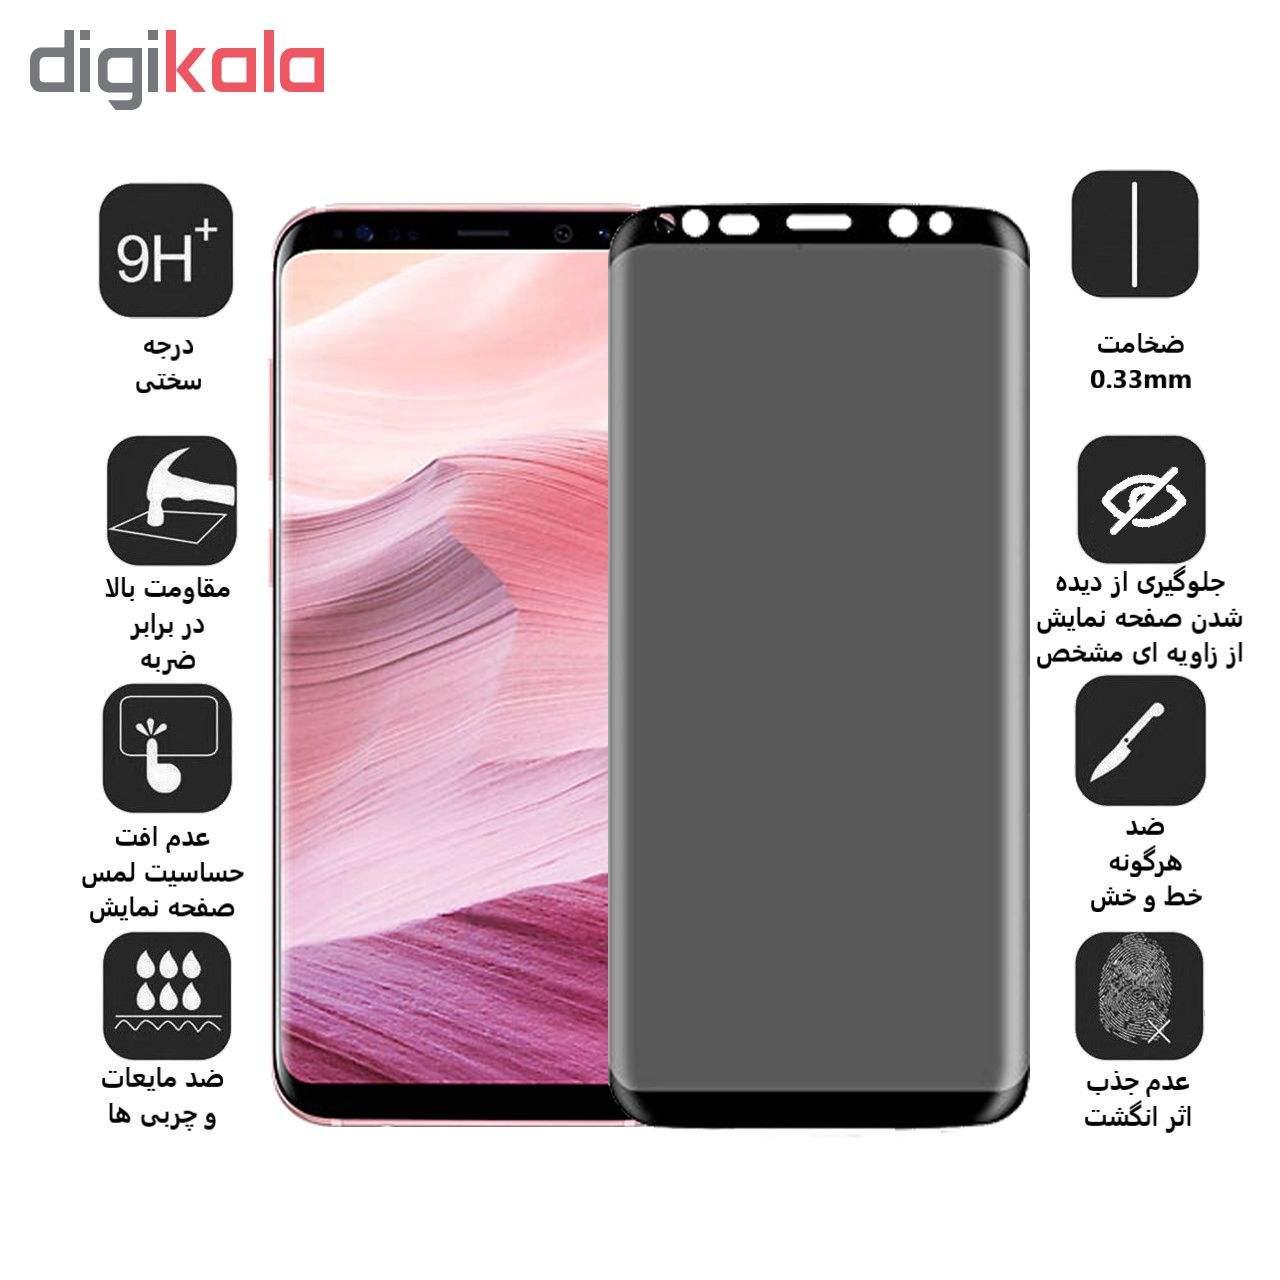 محافظ صفحه نمایش Privacy بوف مدل F33 مناسب برای گوشی موبایل سامسونگ Galaxy S8 Plus main 1 2